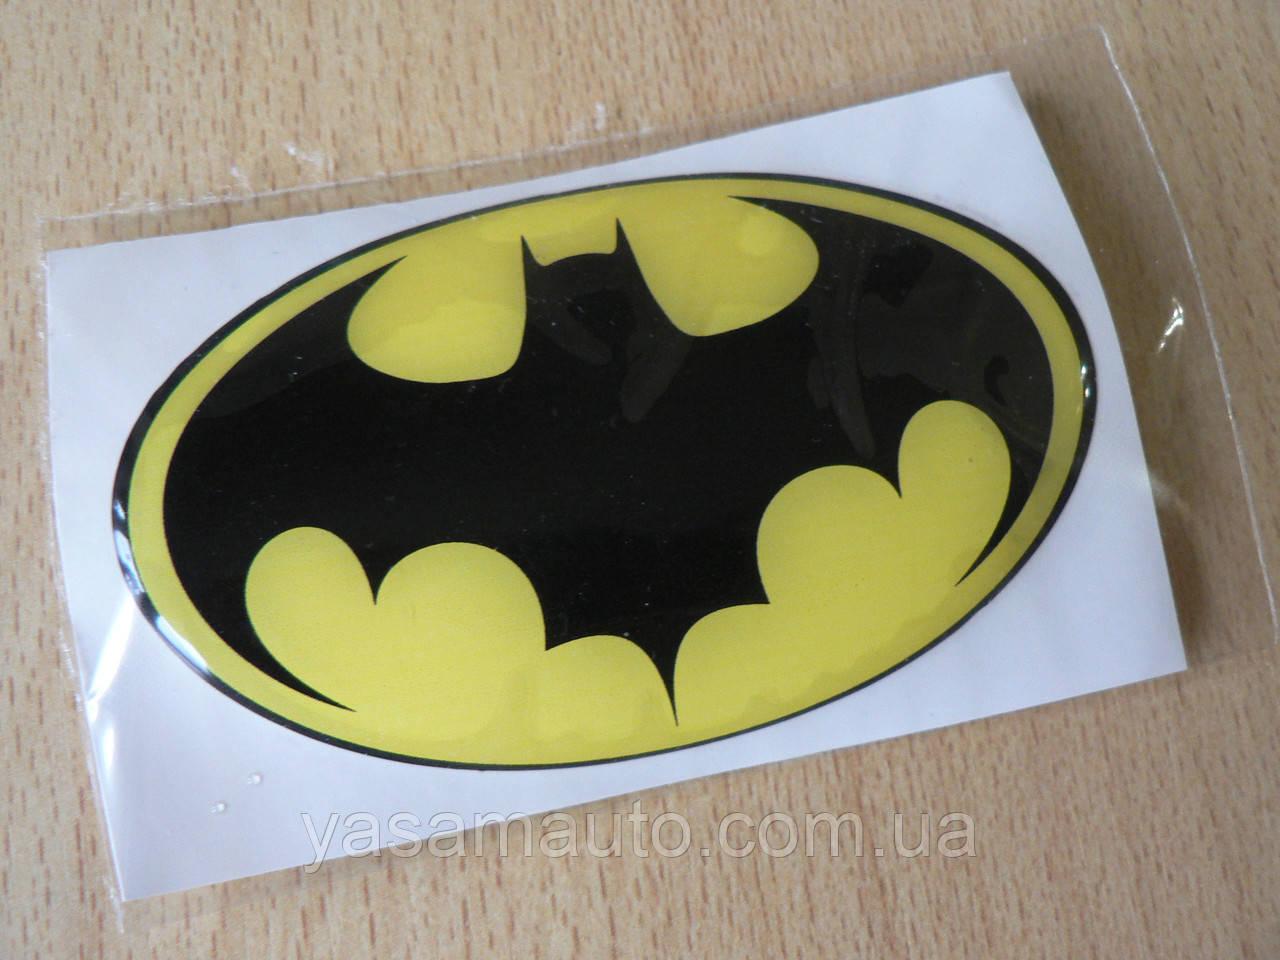 Наклейка s силиконовая супергерой Batman 90х57х1.2мм желтая овал Человек летучая мышь Бэтмен Бетман на авто